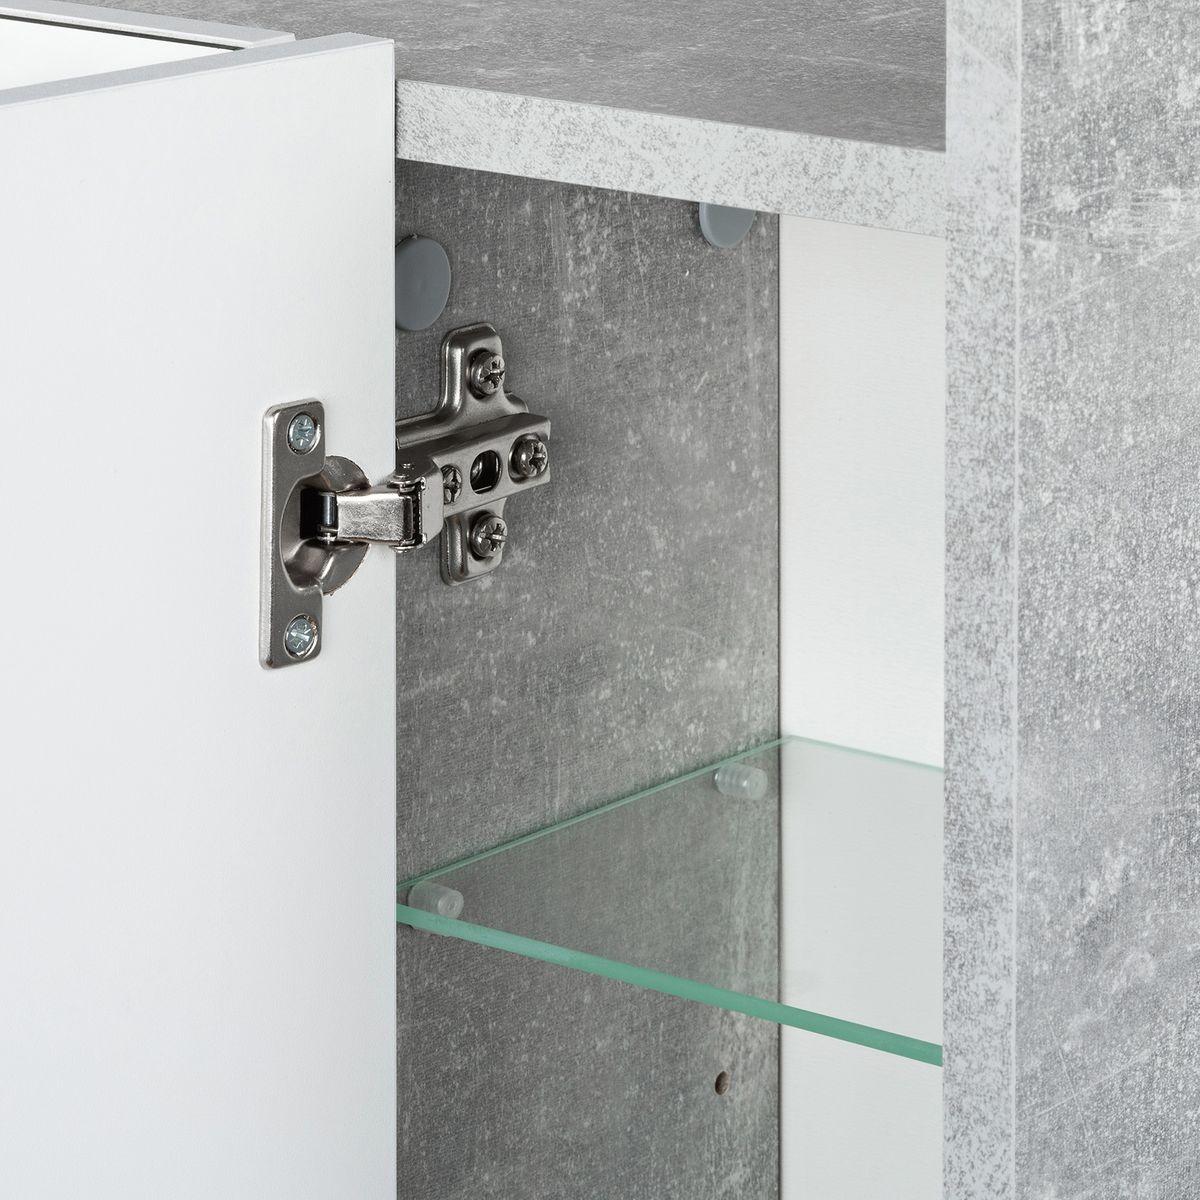 Badmöbel-Set ELEGANCE 2-teilig mit Beleuchtung Beton Weiß – Bild 4